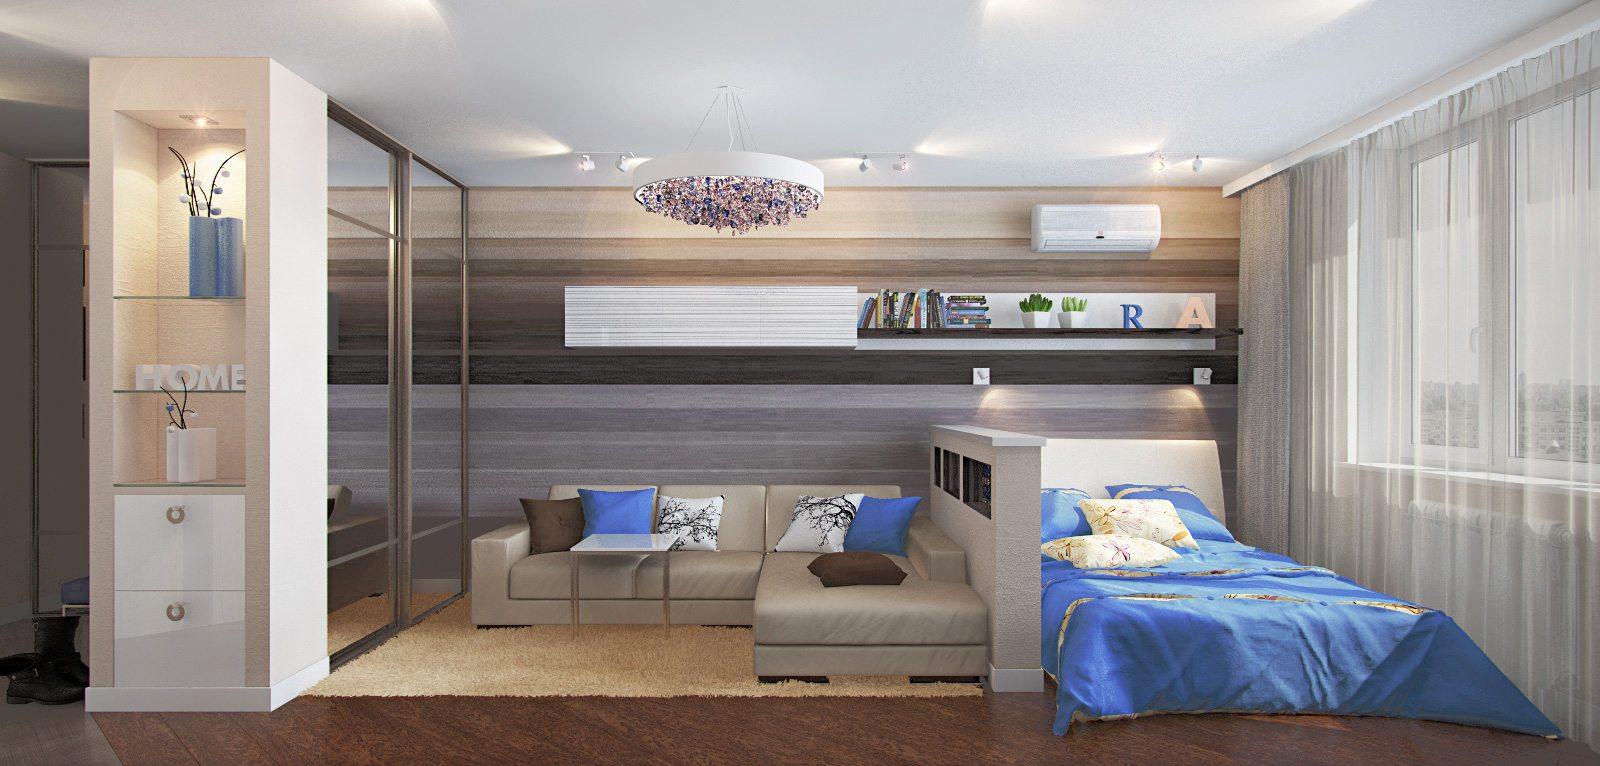 Дизайн гостиная спальня 18 кв.м фото